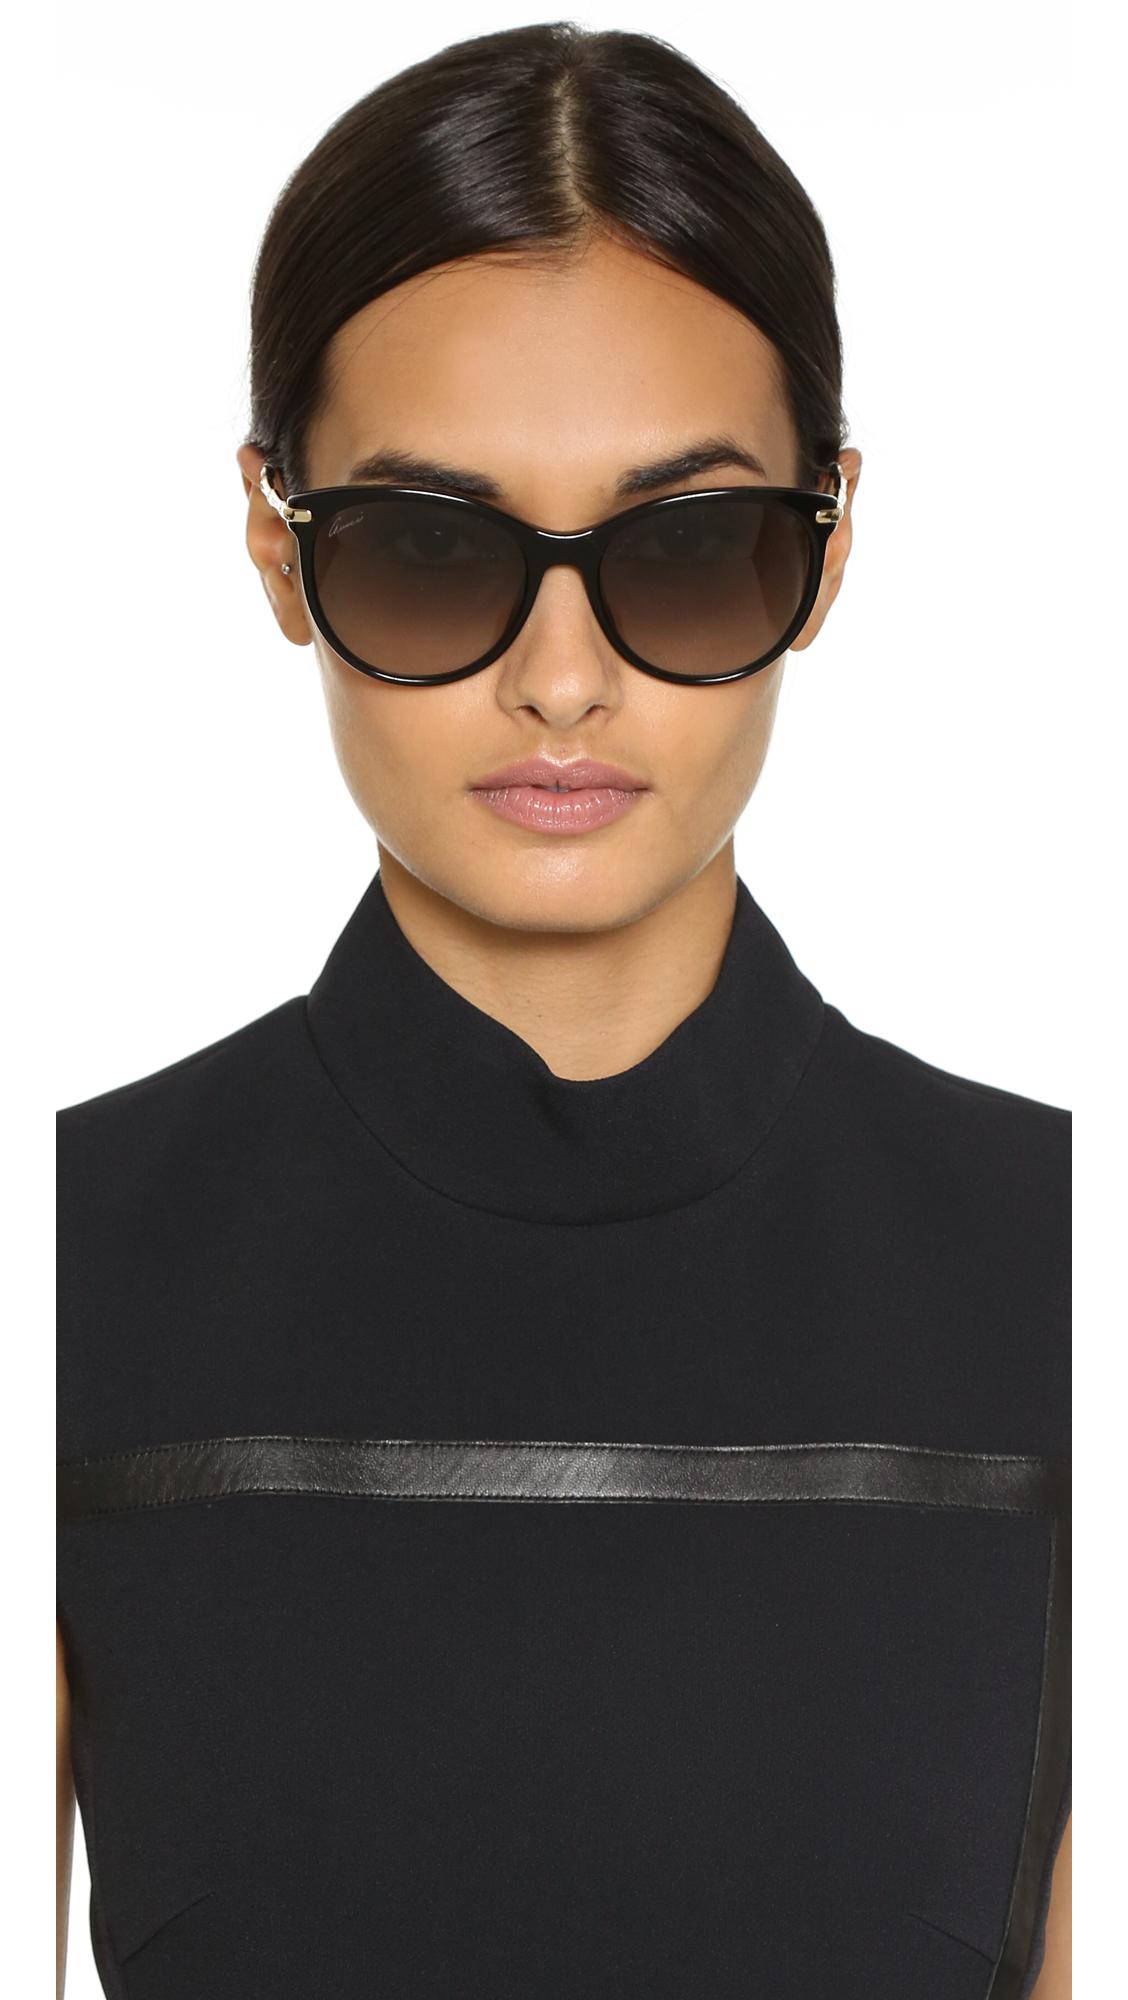 b8b62b550dd6c Gucci Bamboo Temple Sunglasses in Black - Lyst